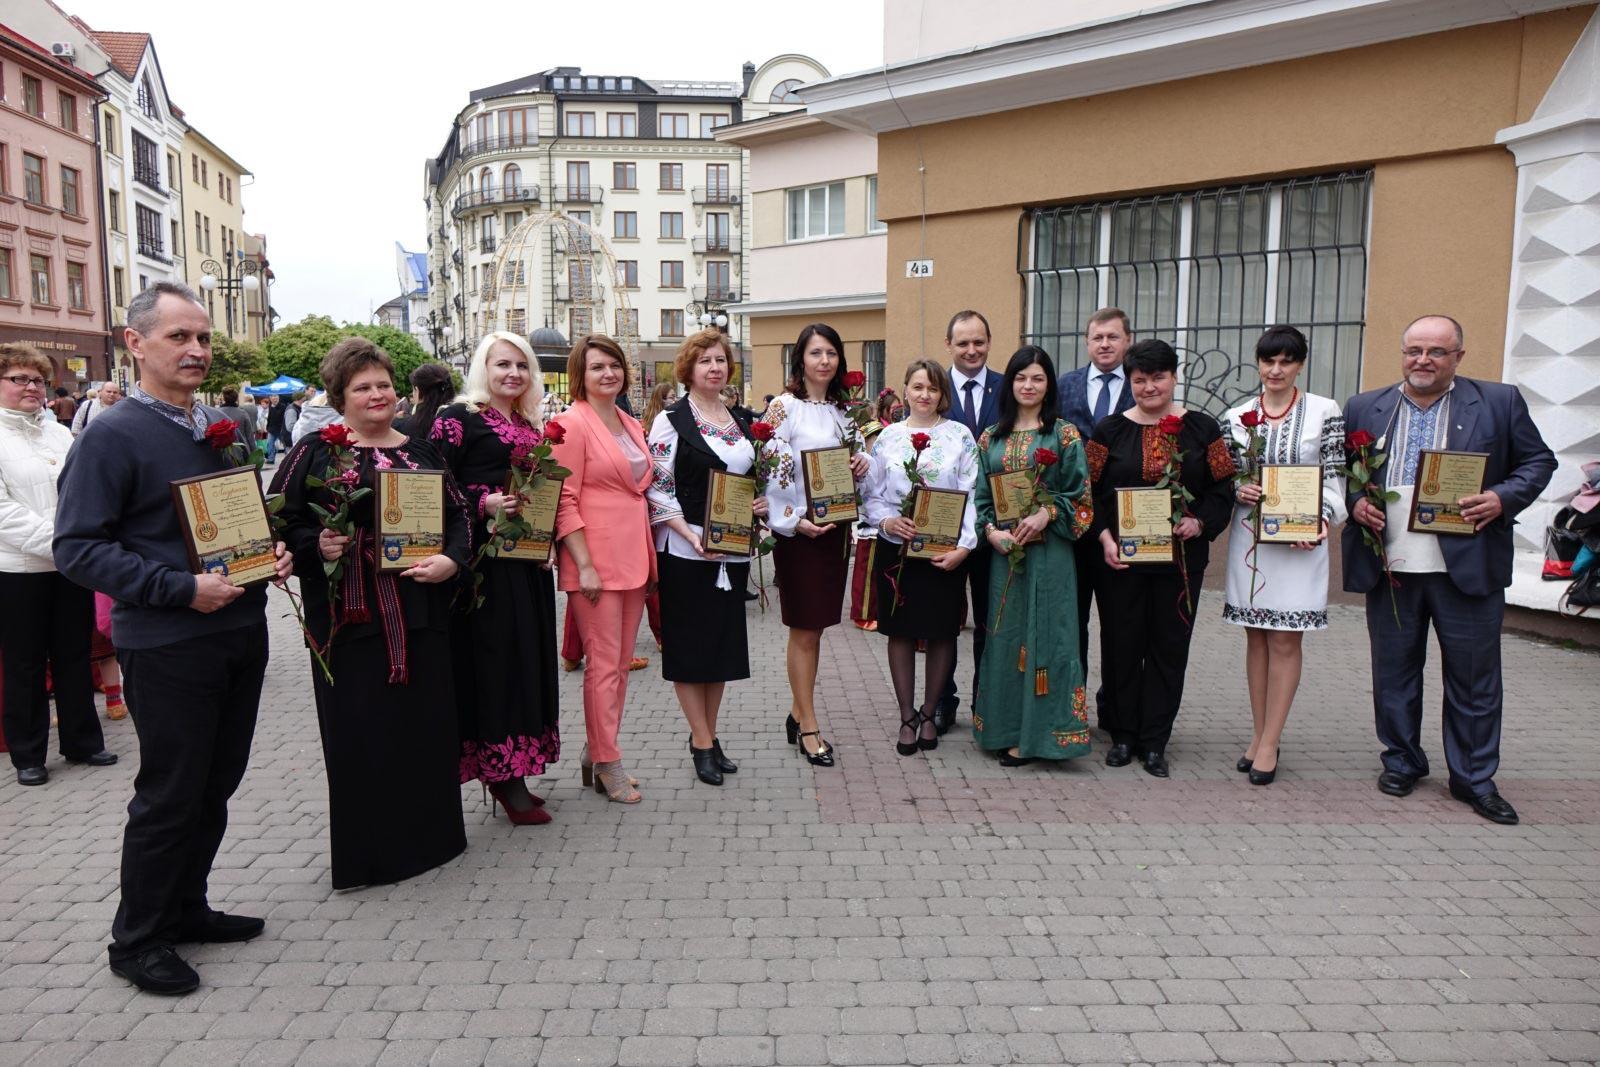 Франківські вчителі, яких визнали найкращими, отримали по 10 тисяч гривень (ФОТО, ВІДЕО)